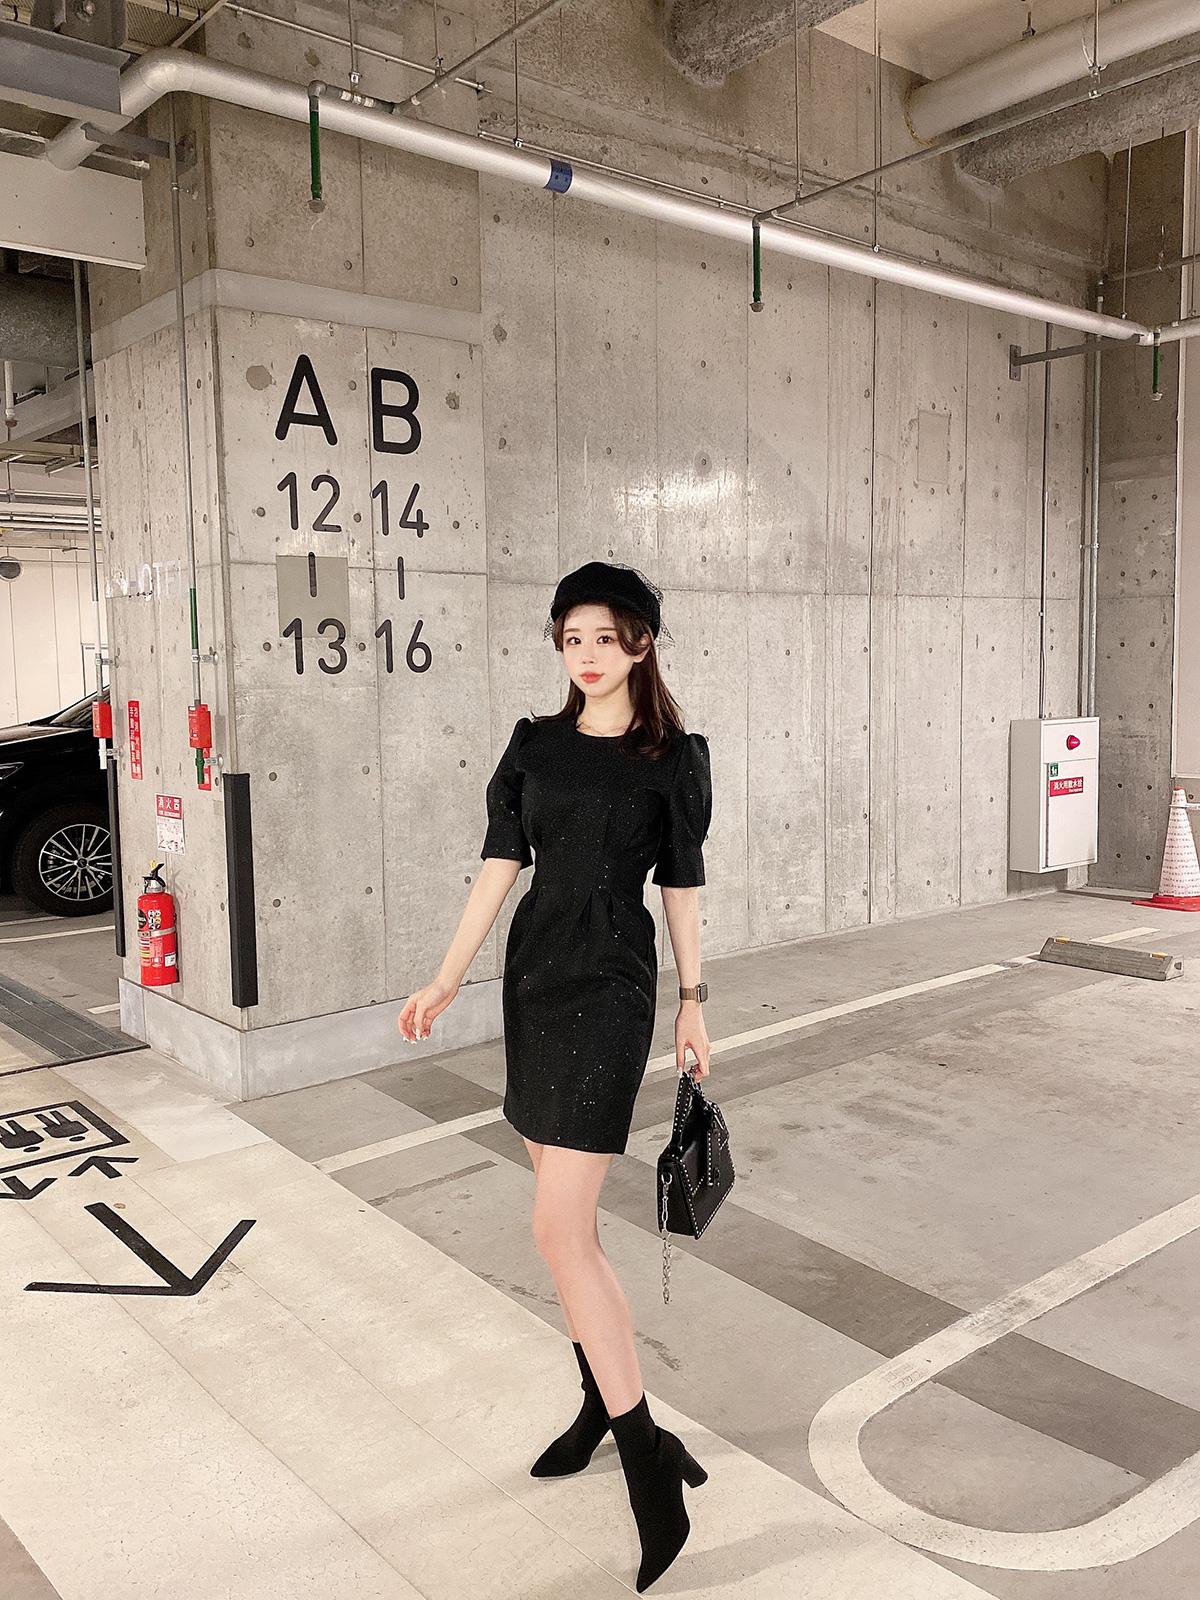 キラキラスリムドレス カラー:ブラック、シャンパンゴールド